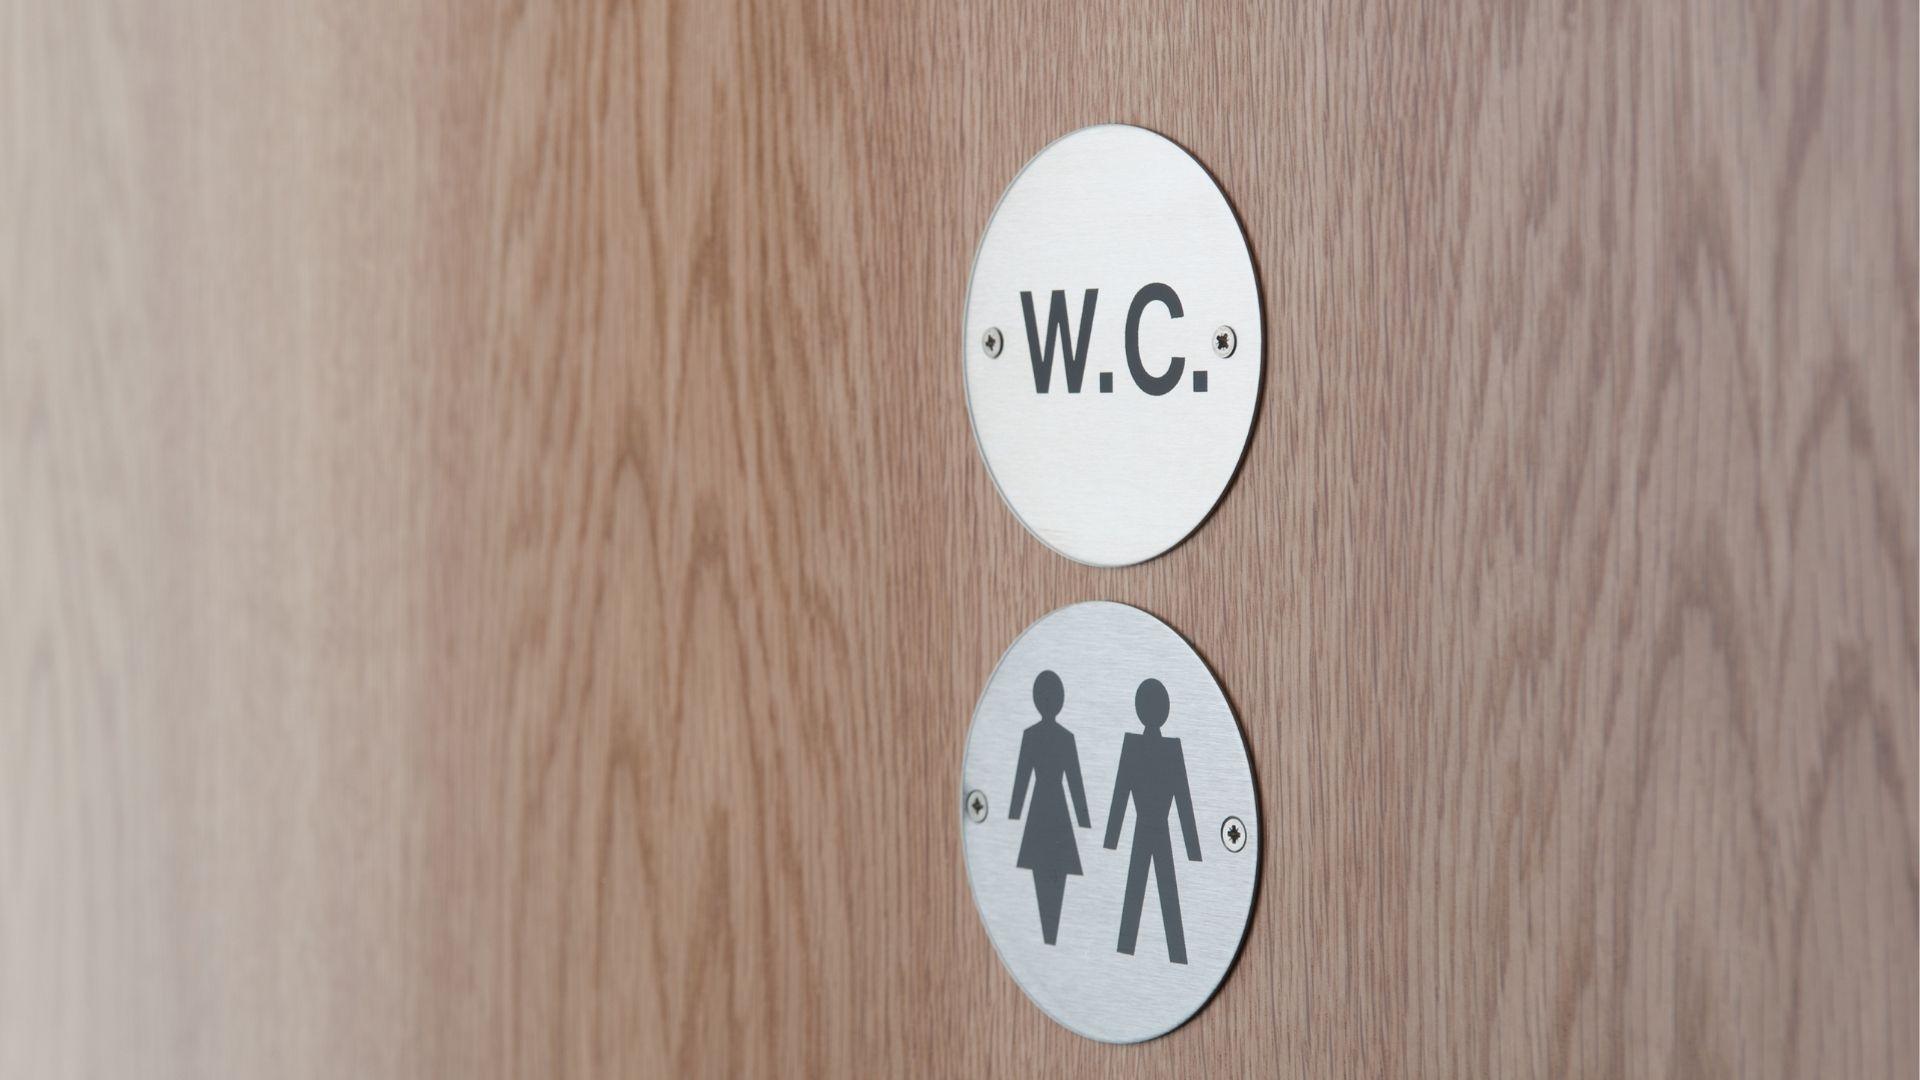 Individual washroom sign